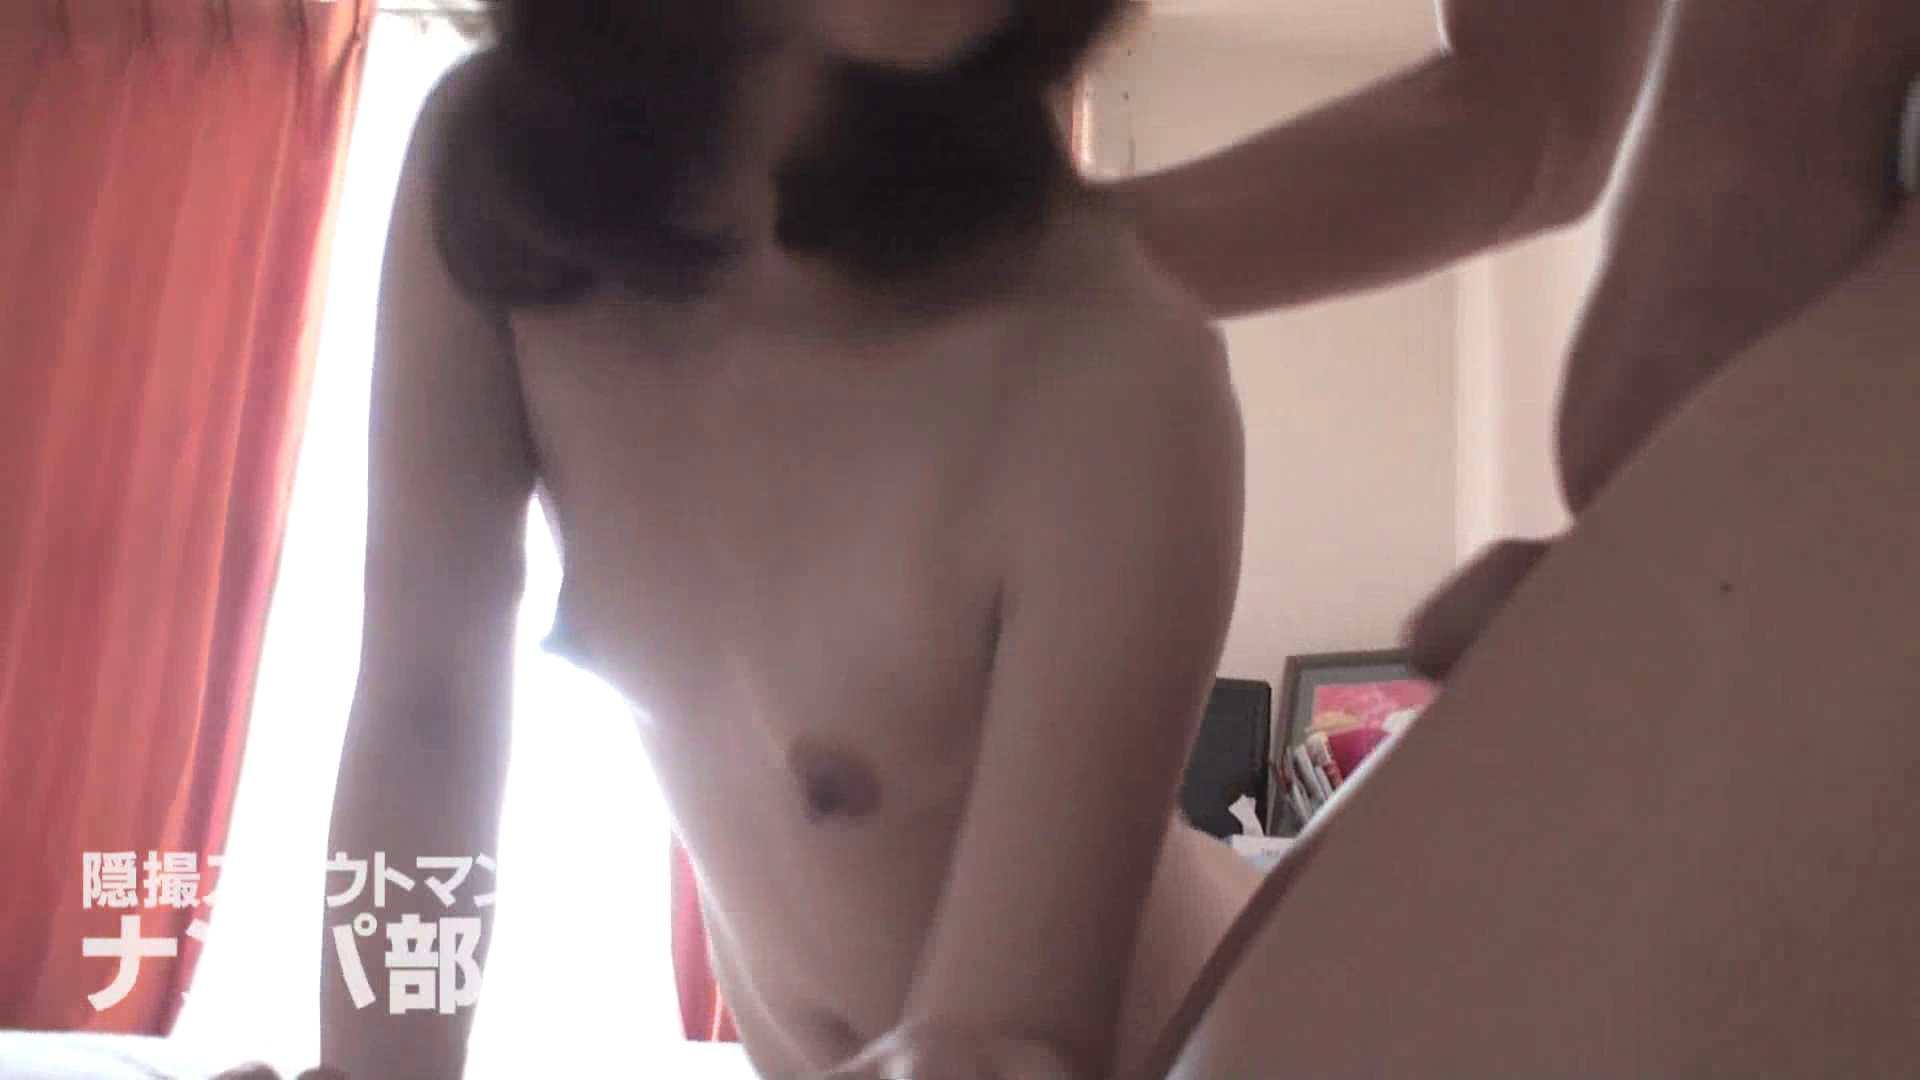 隠撮スカウトマンのナンパ部屋~風俗デビュー前のつまみ食い~ siivol.4 隠撮  91pic 55